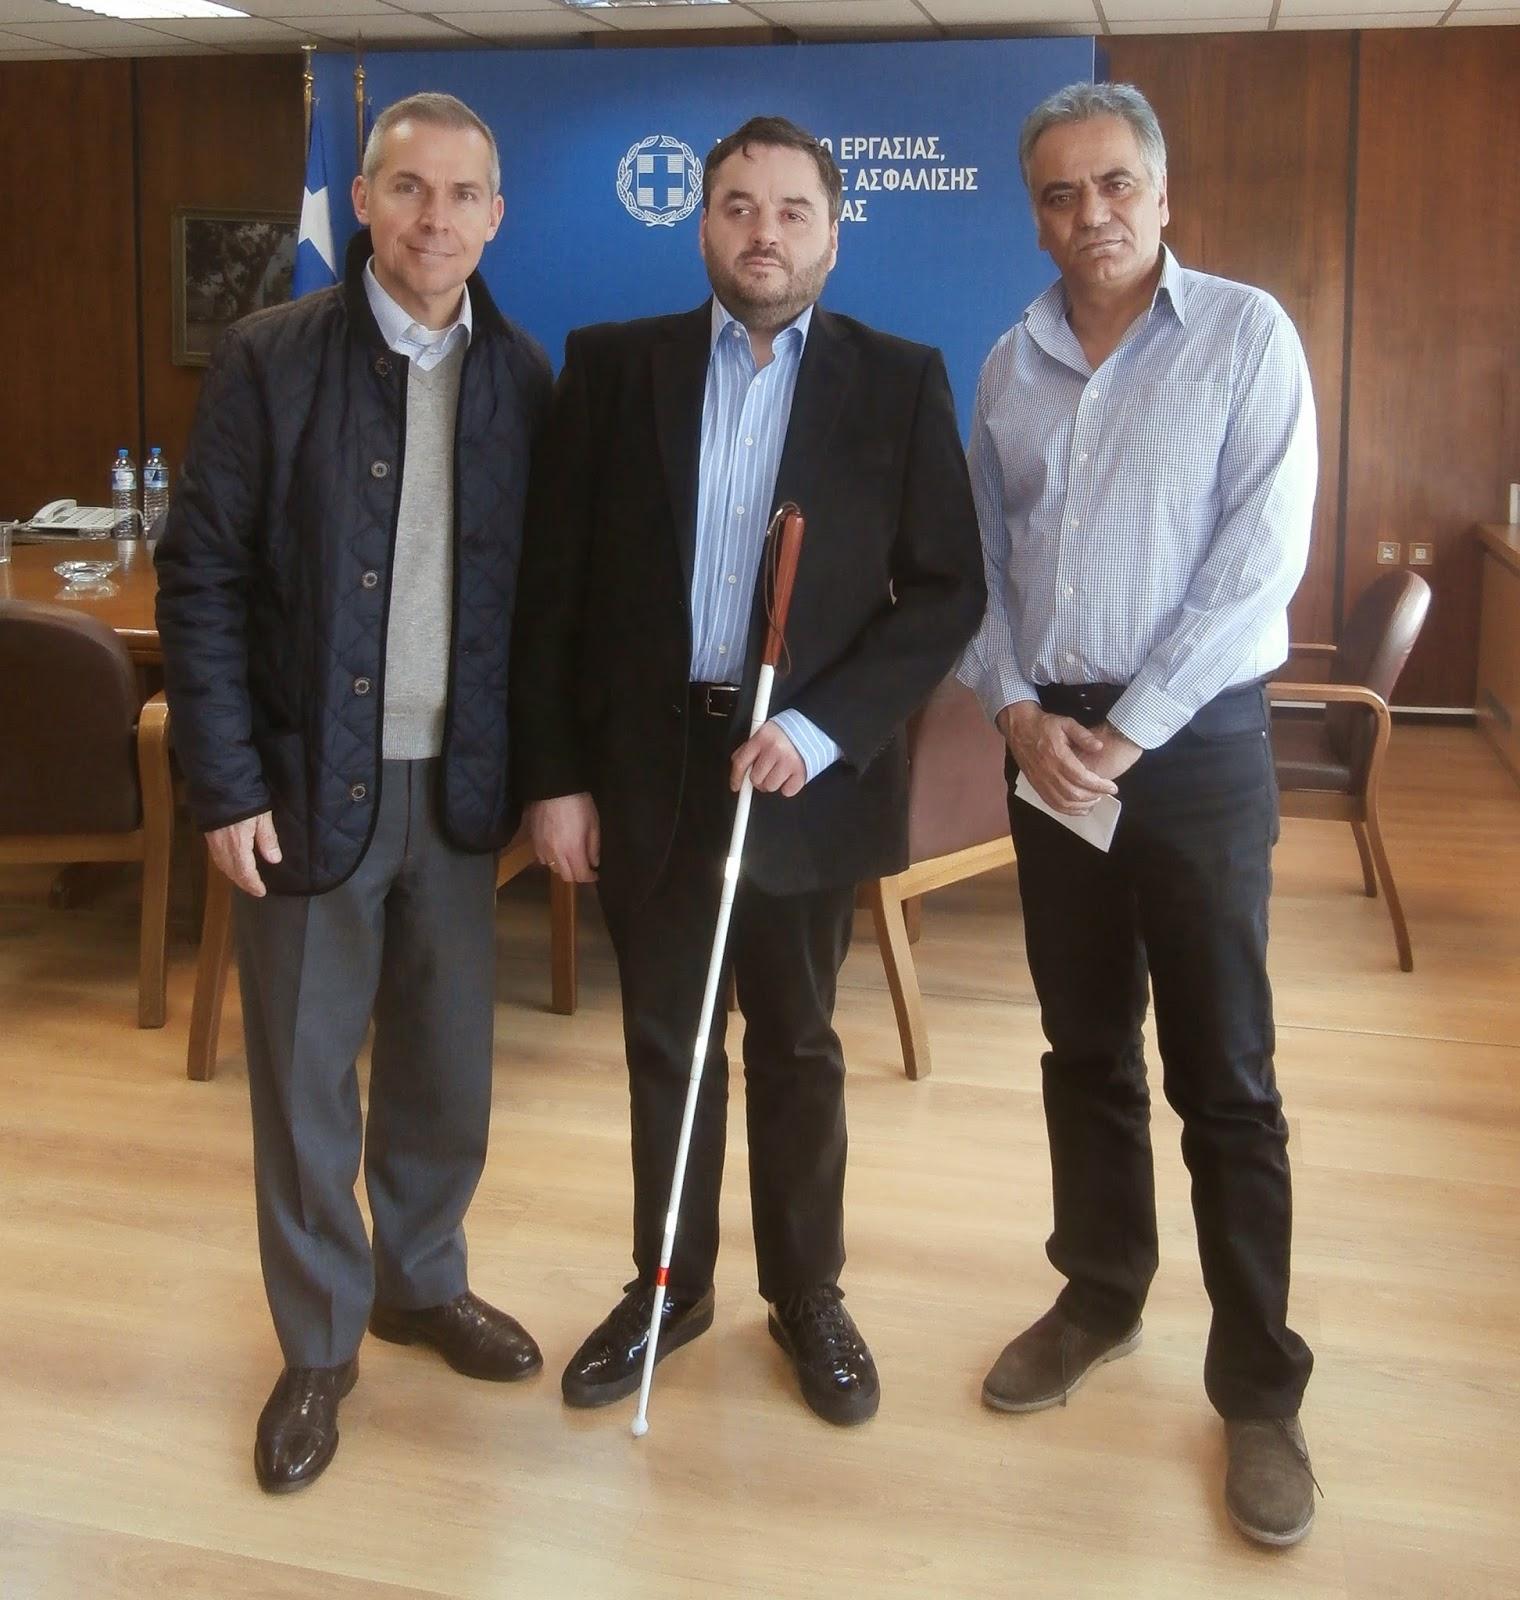 Συνάντηση με τον υπουργό Εργασίας κ. Πάνο Σκουρλέτη για το θέμα της μη μοριοδότησης ανέργων με αναπηρία στην πρόσκληση του ΟΑΕΔ